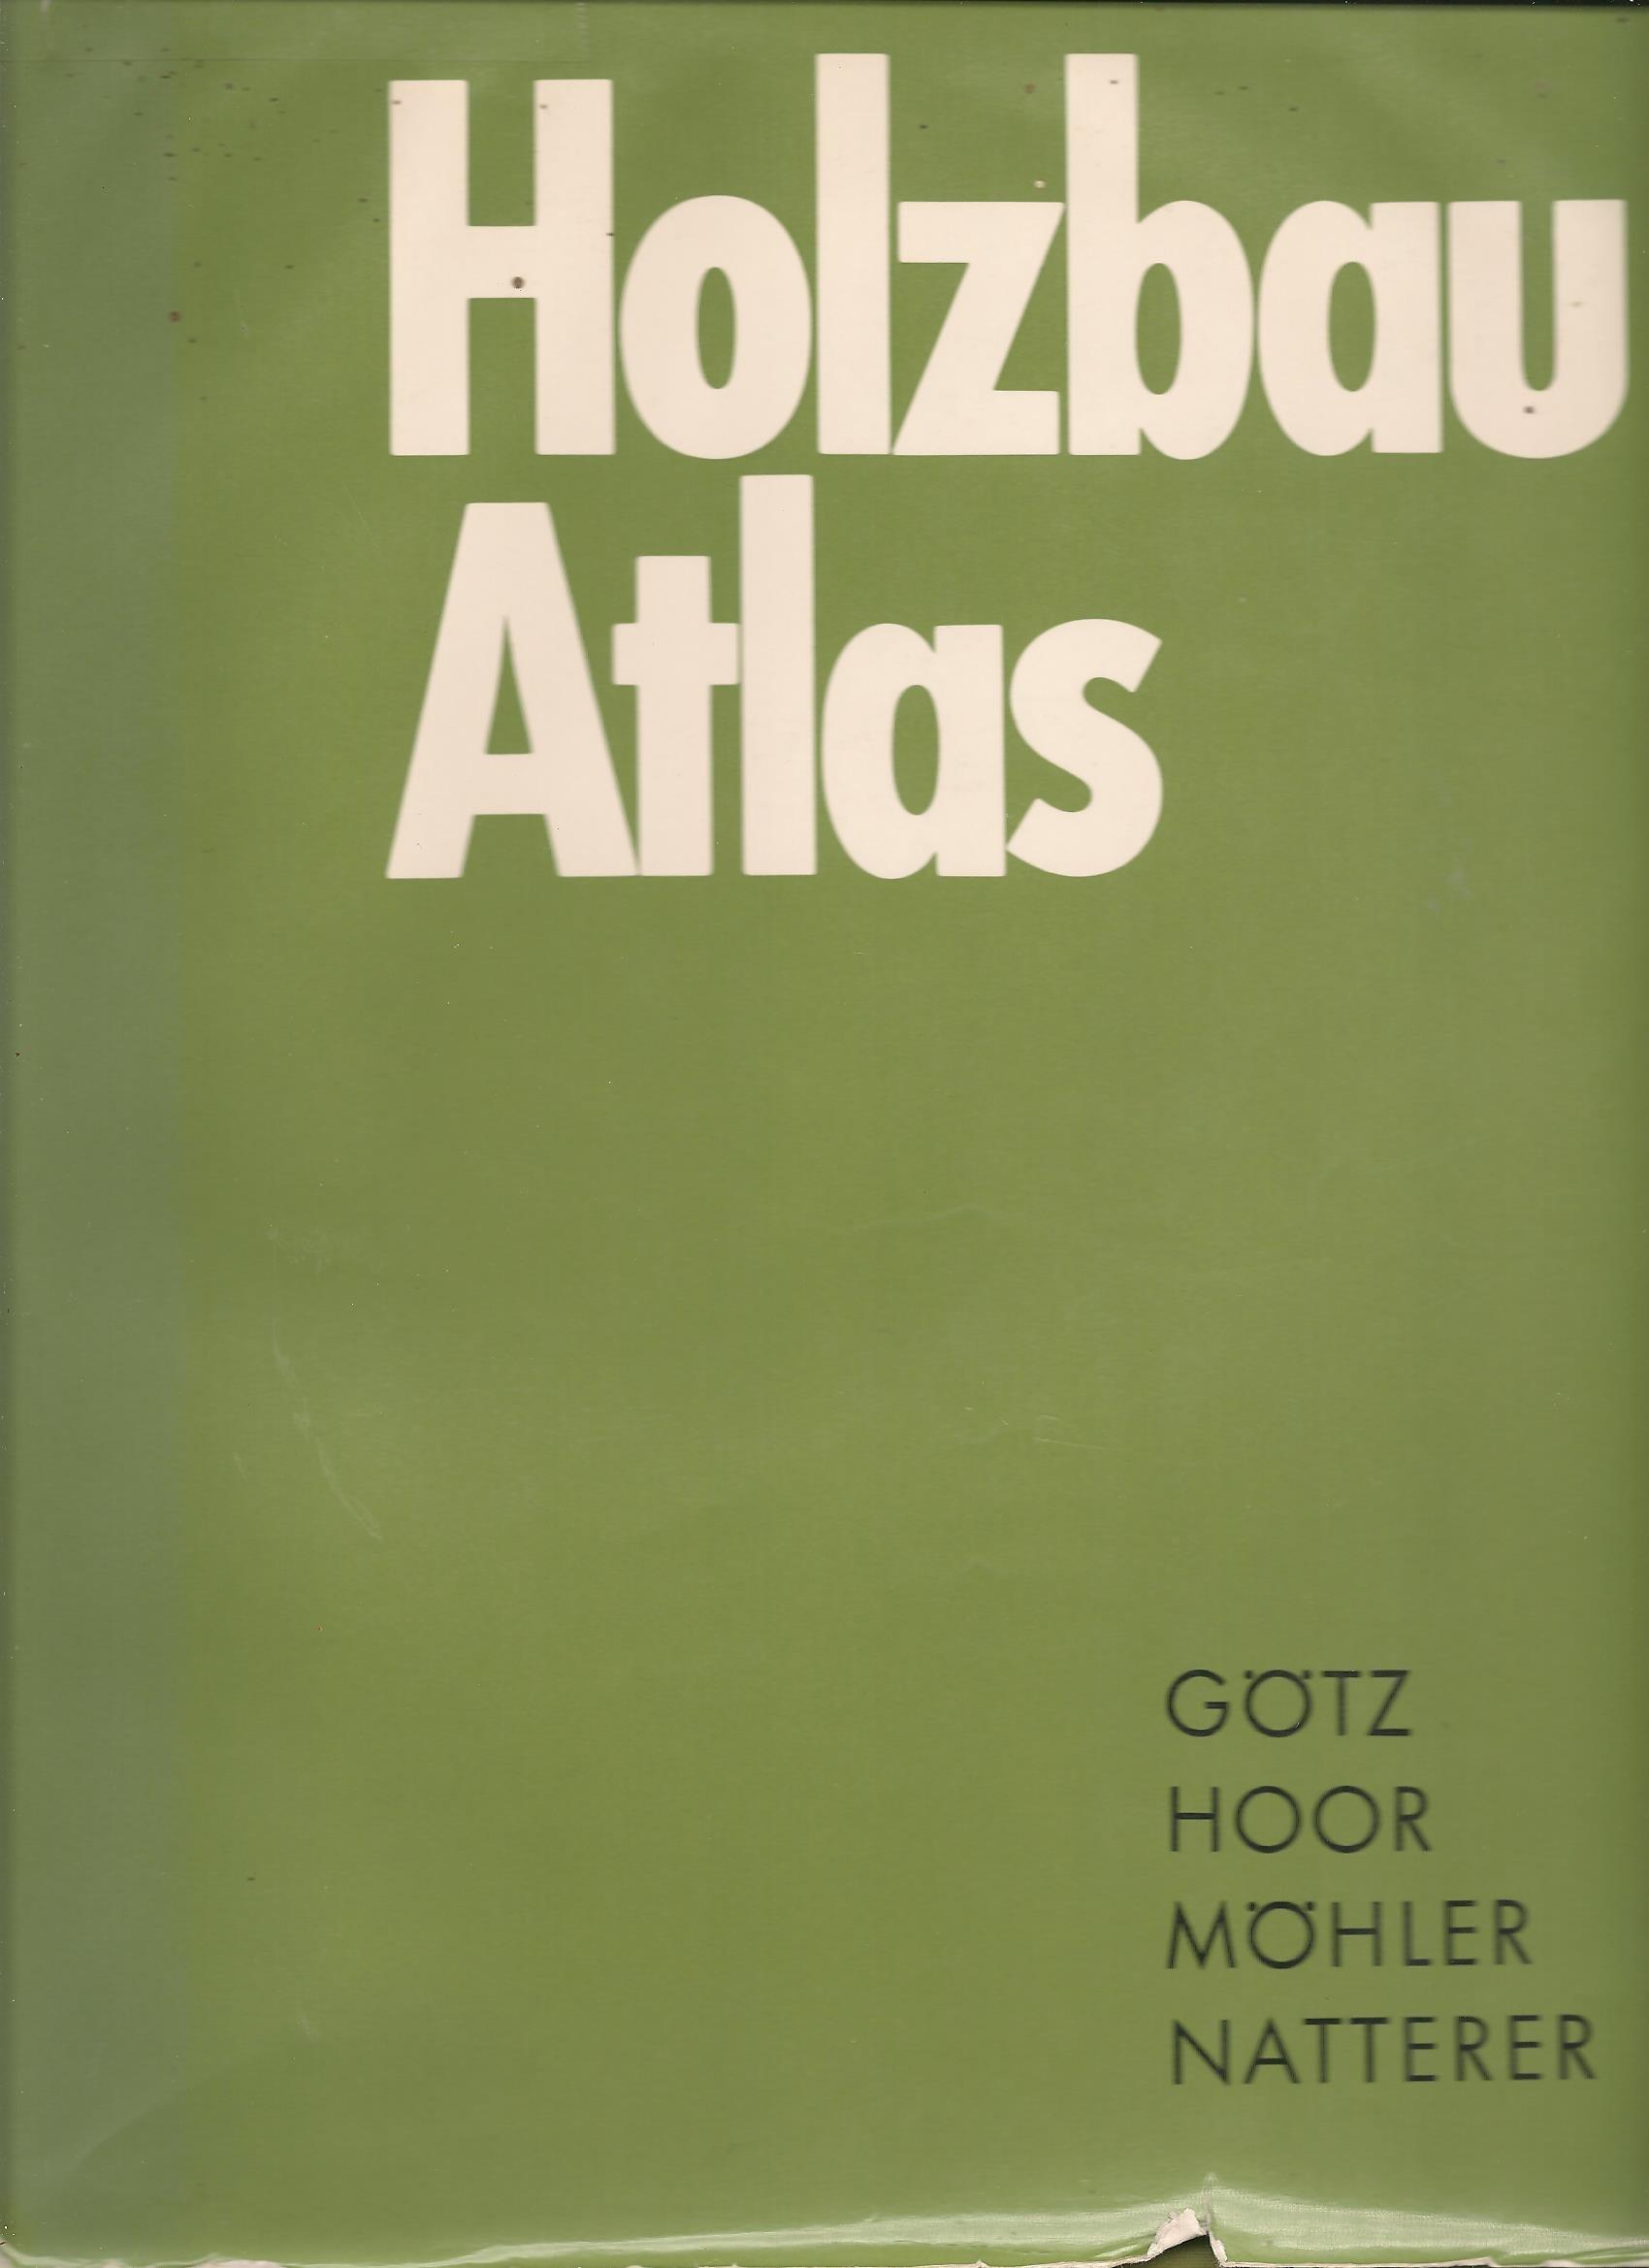 Holzbau-Atlas.